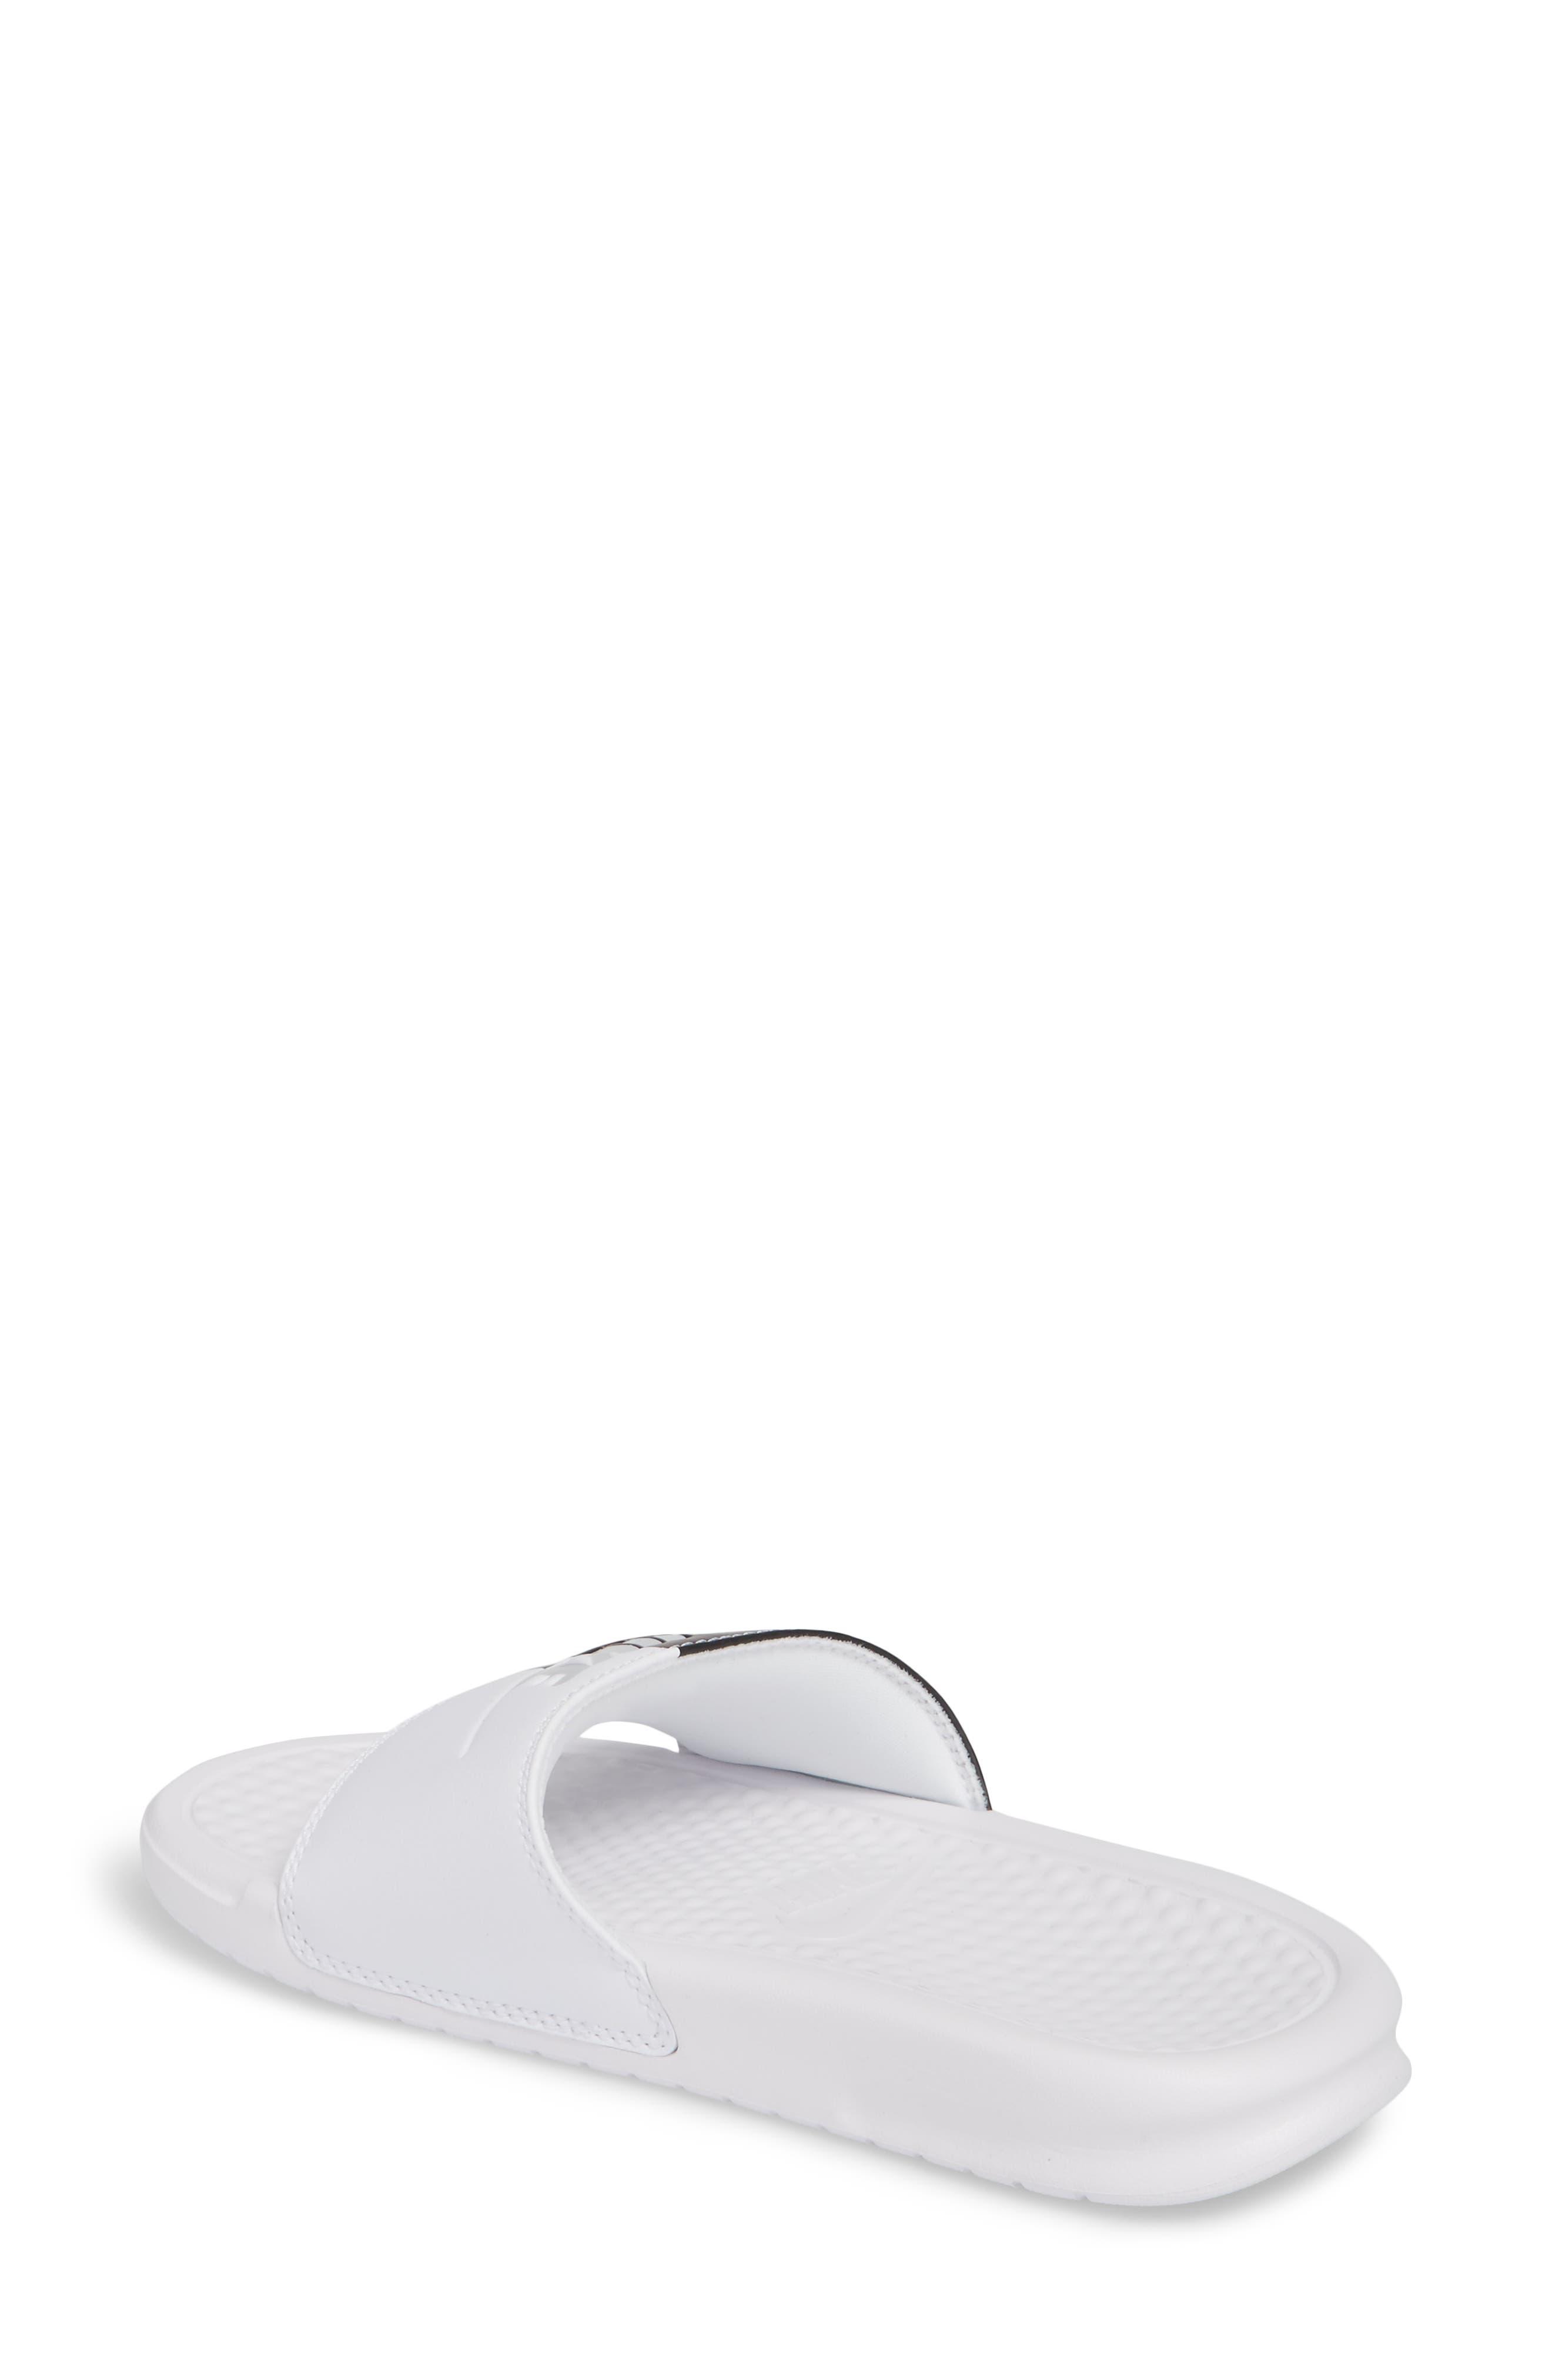 Benassi JDI Slide Sandal,                             Alternate thumbnail 2, color,                             White/ Pure Platinum